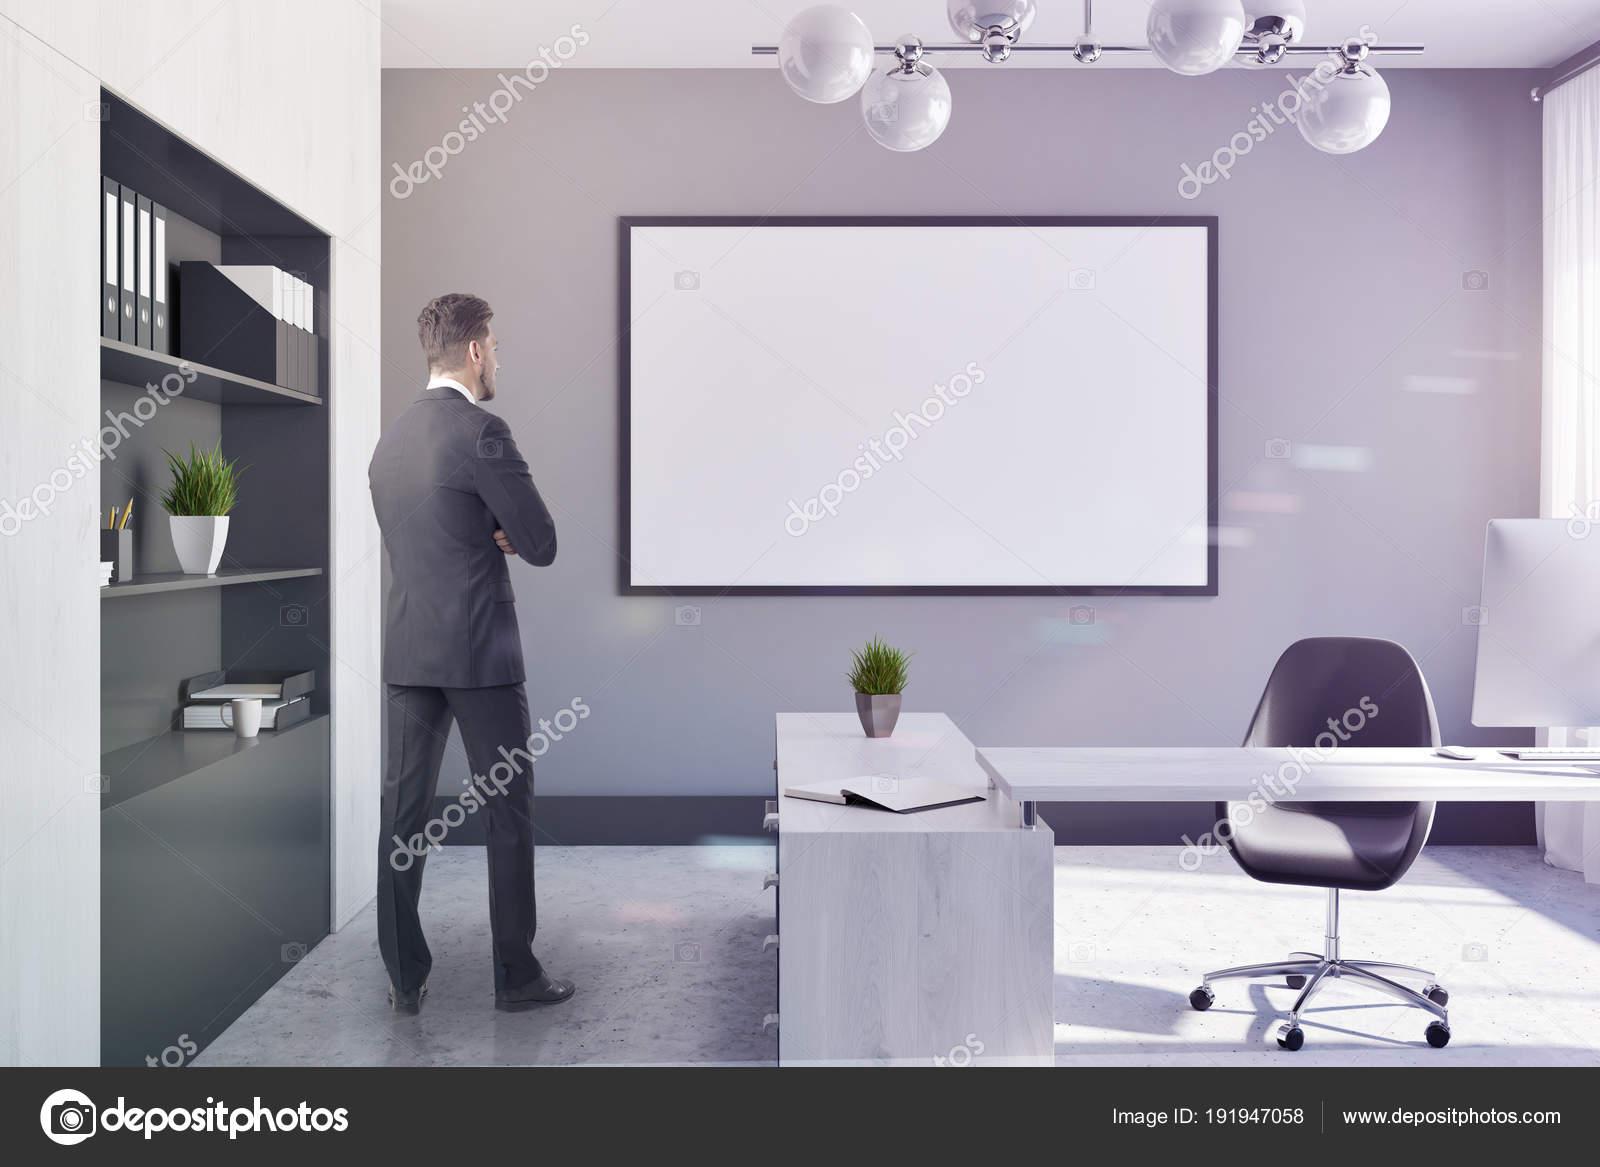 Ufficio Bianco E Grigio : Ufficio manager azienda bianco e grigio poster tonnellata u2014 foto